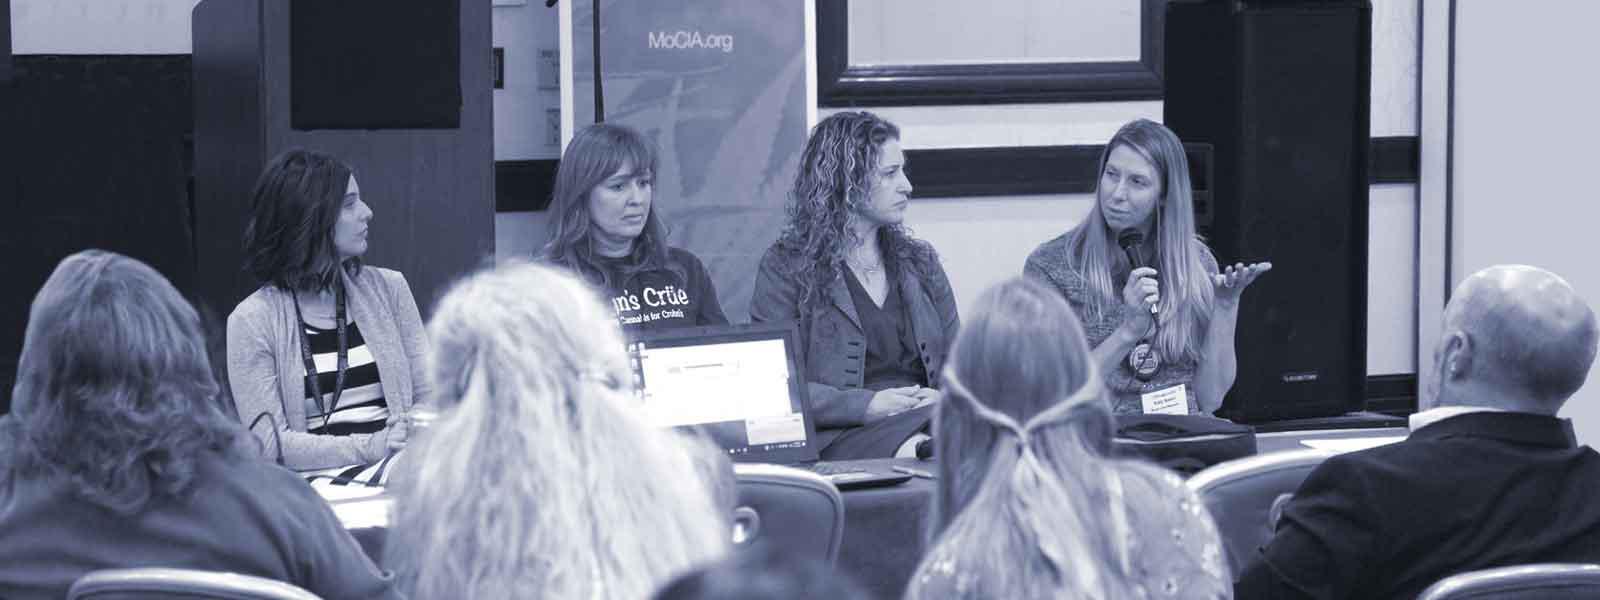 MCIA Conference & Seminars